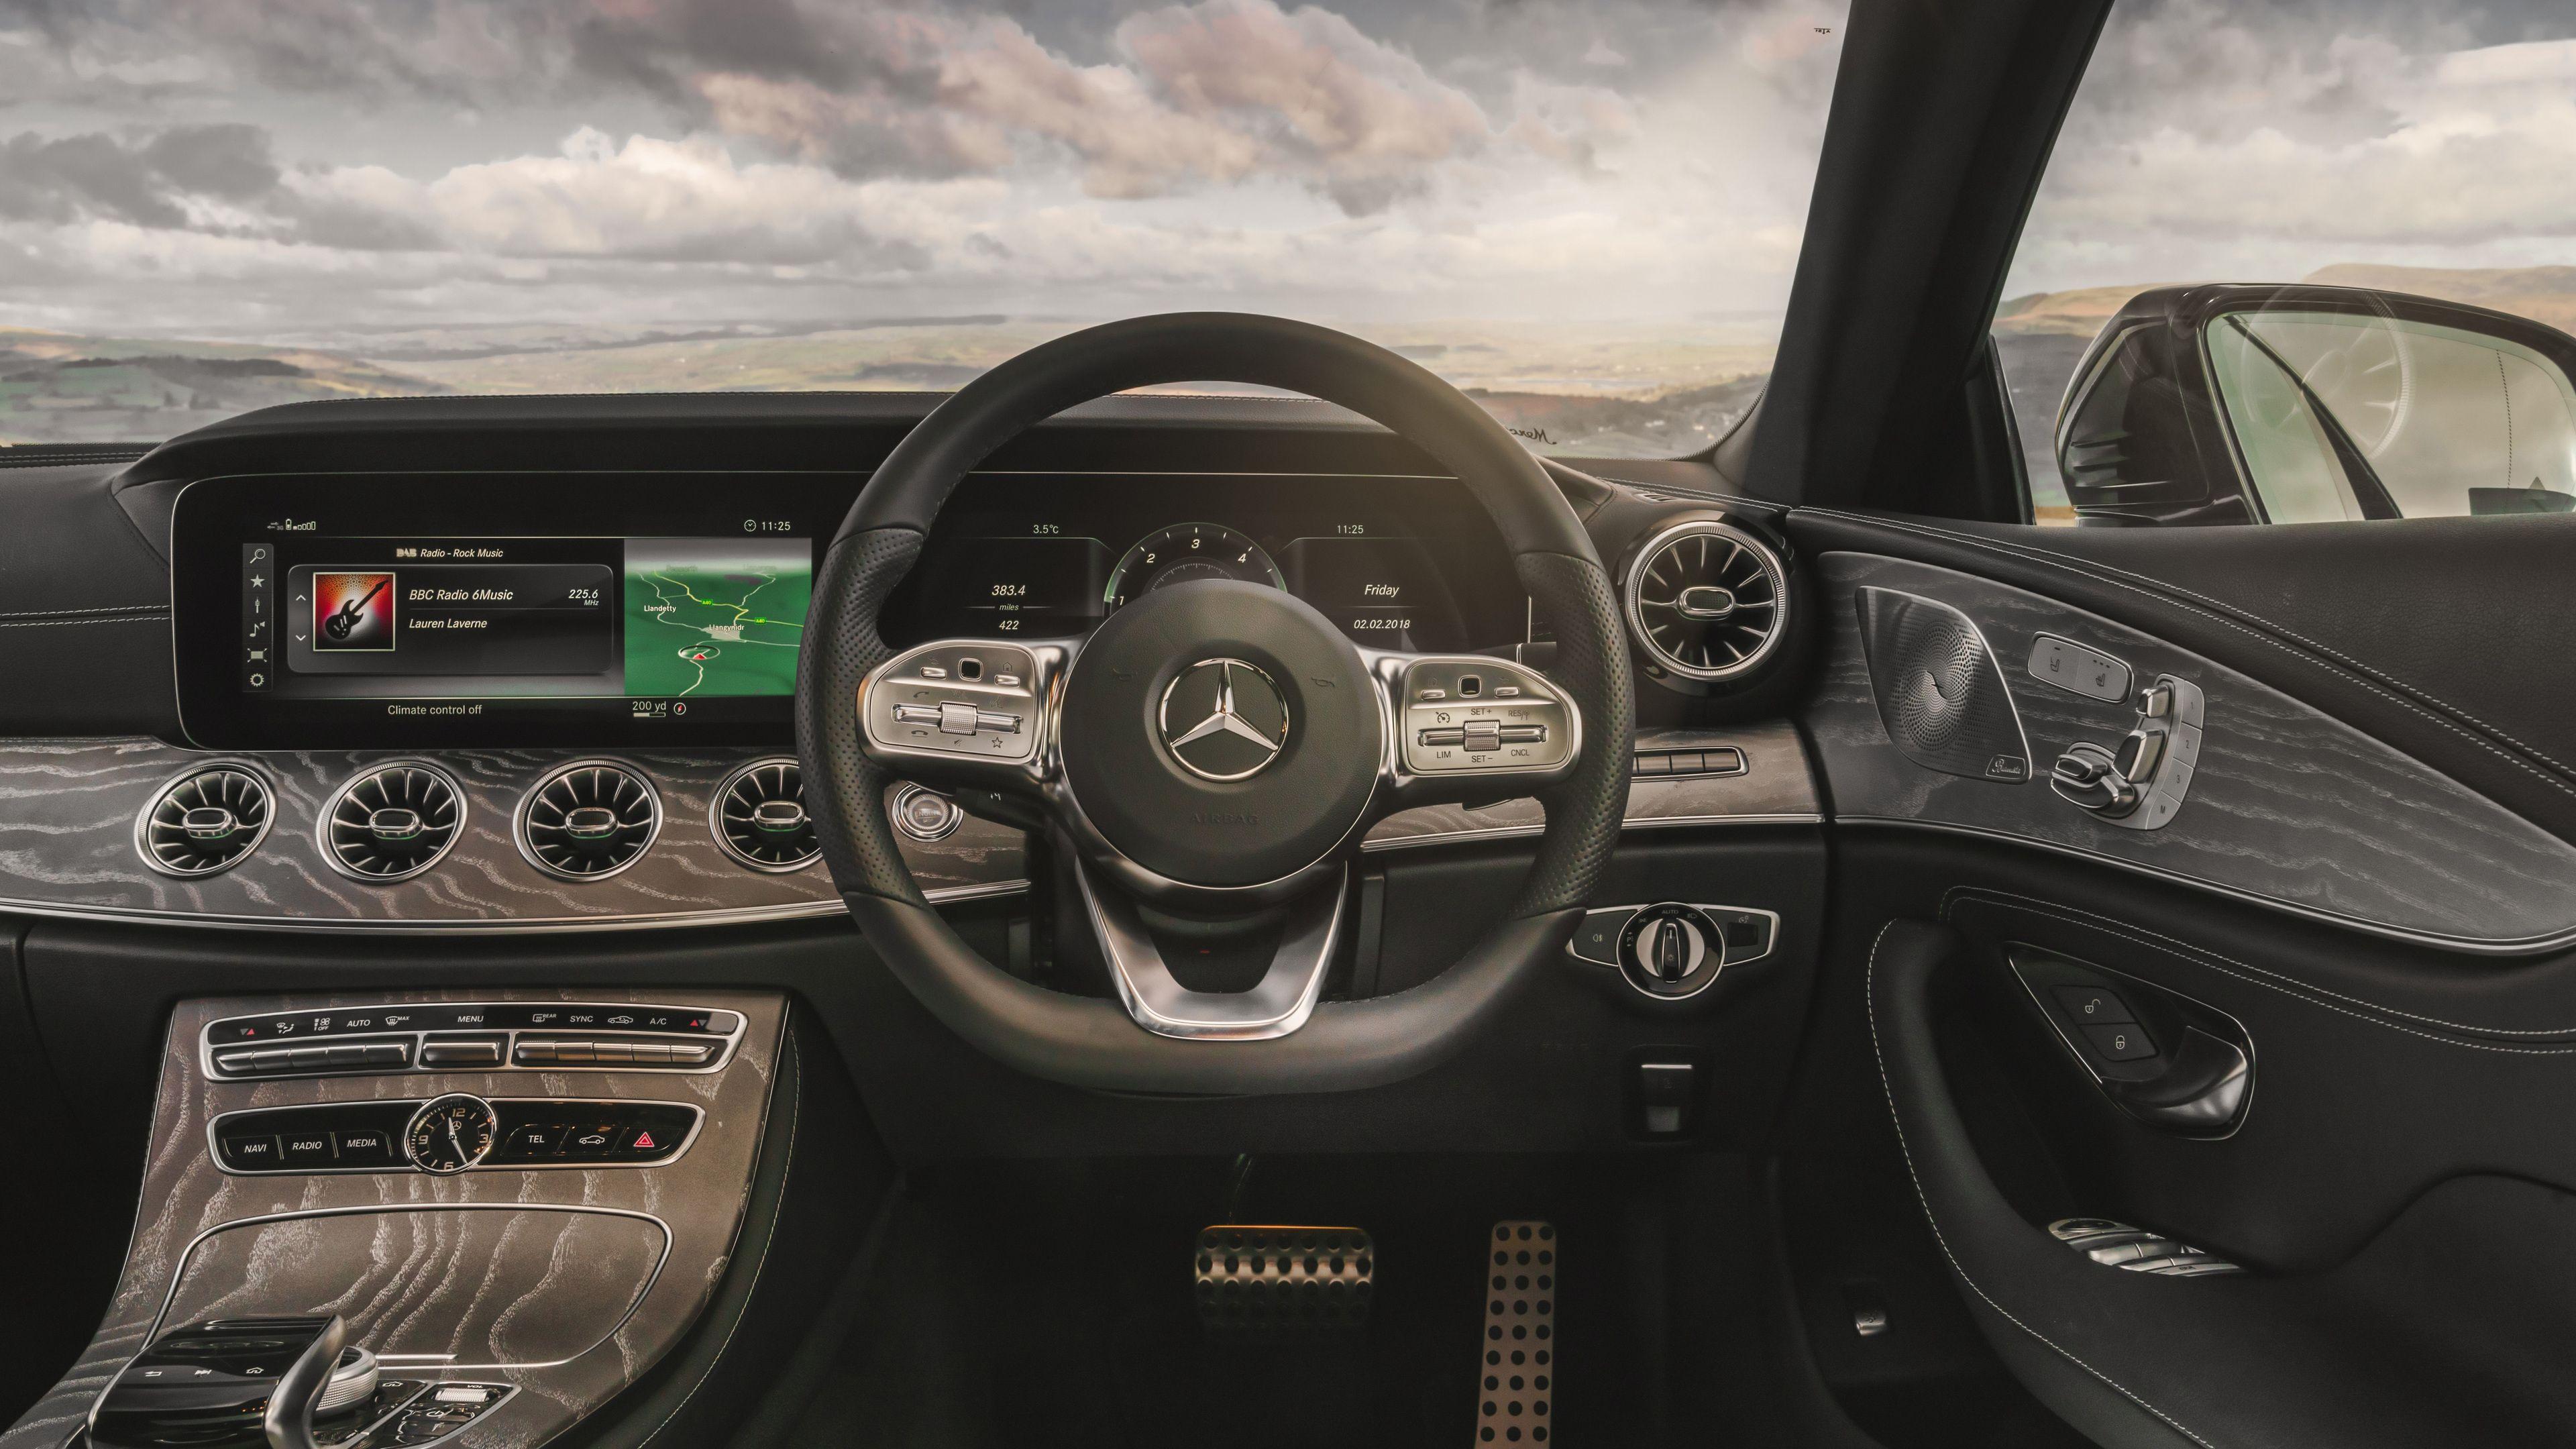 Wallpaper 4k Mercedes Benz Cls 400 D Amg Interior 2018 Cars